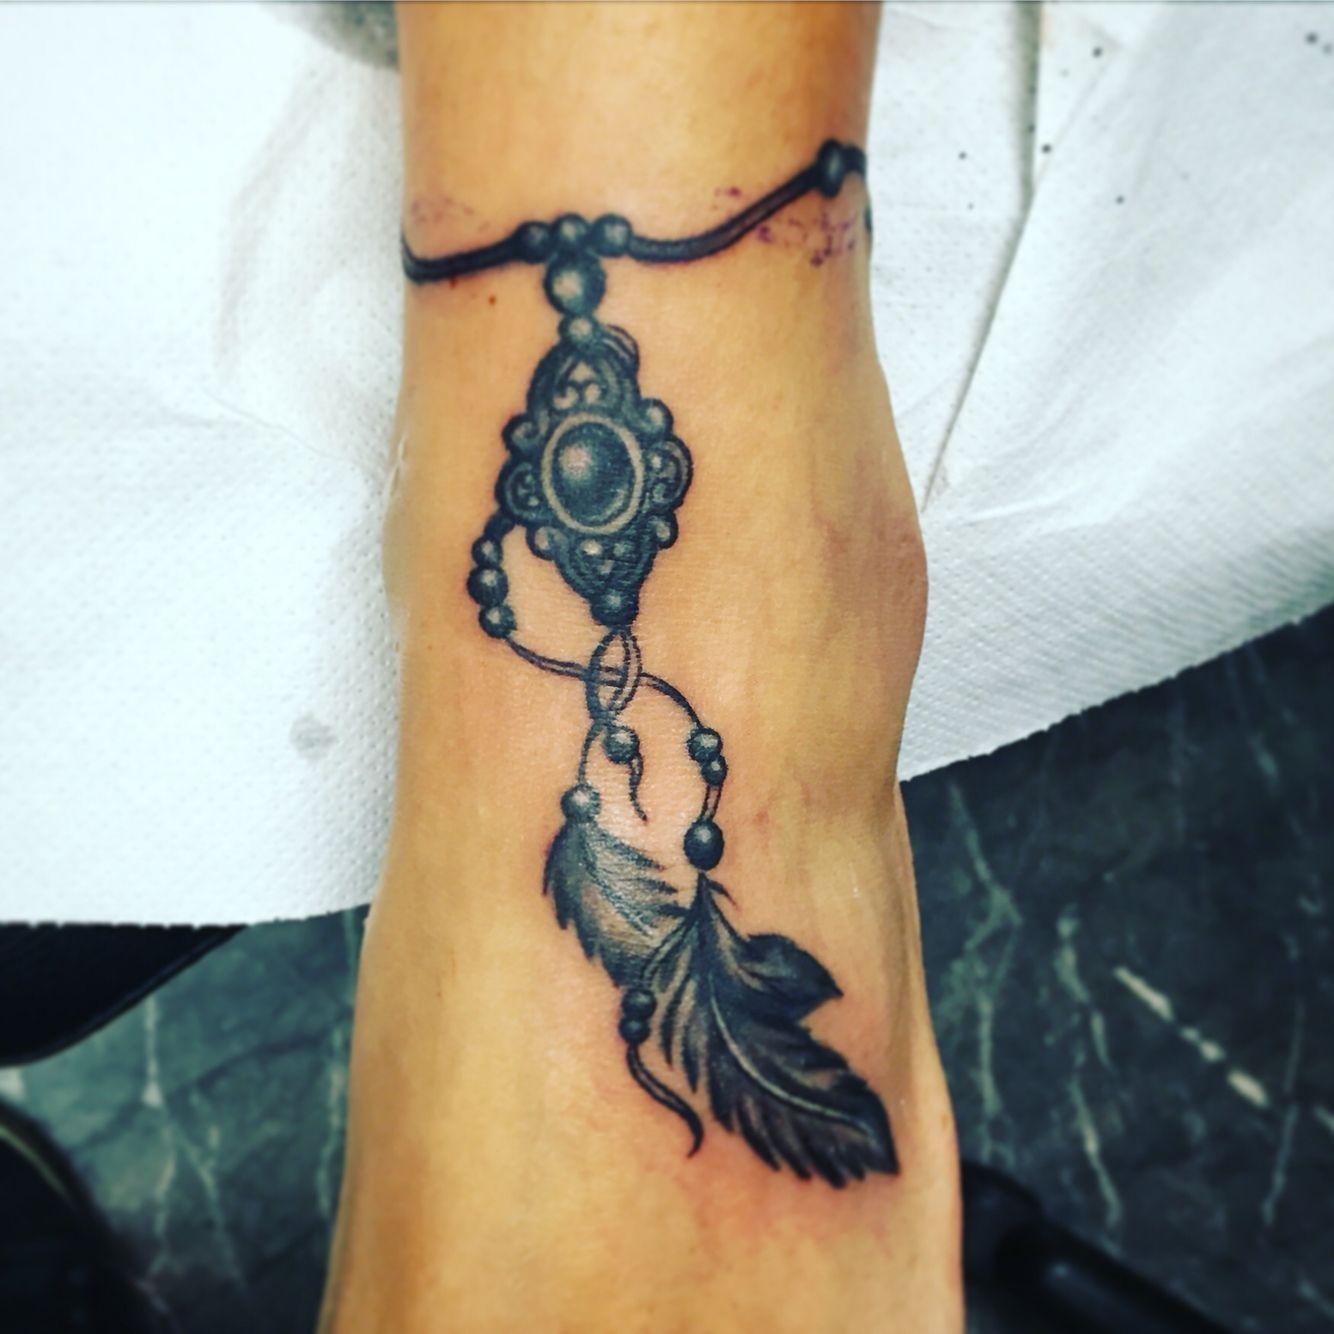 Tatuaggi eseguiti al GOLDTATTOO di Torino da Villytattoo